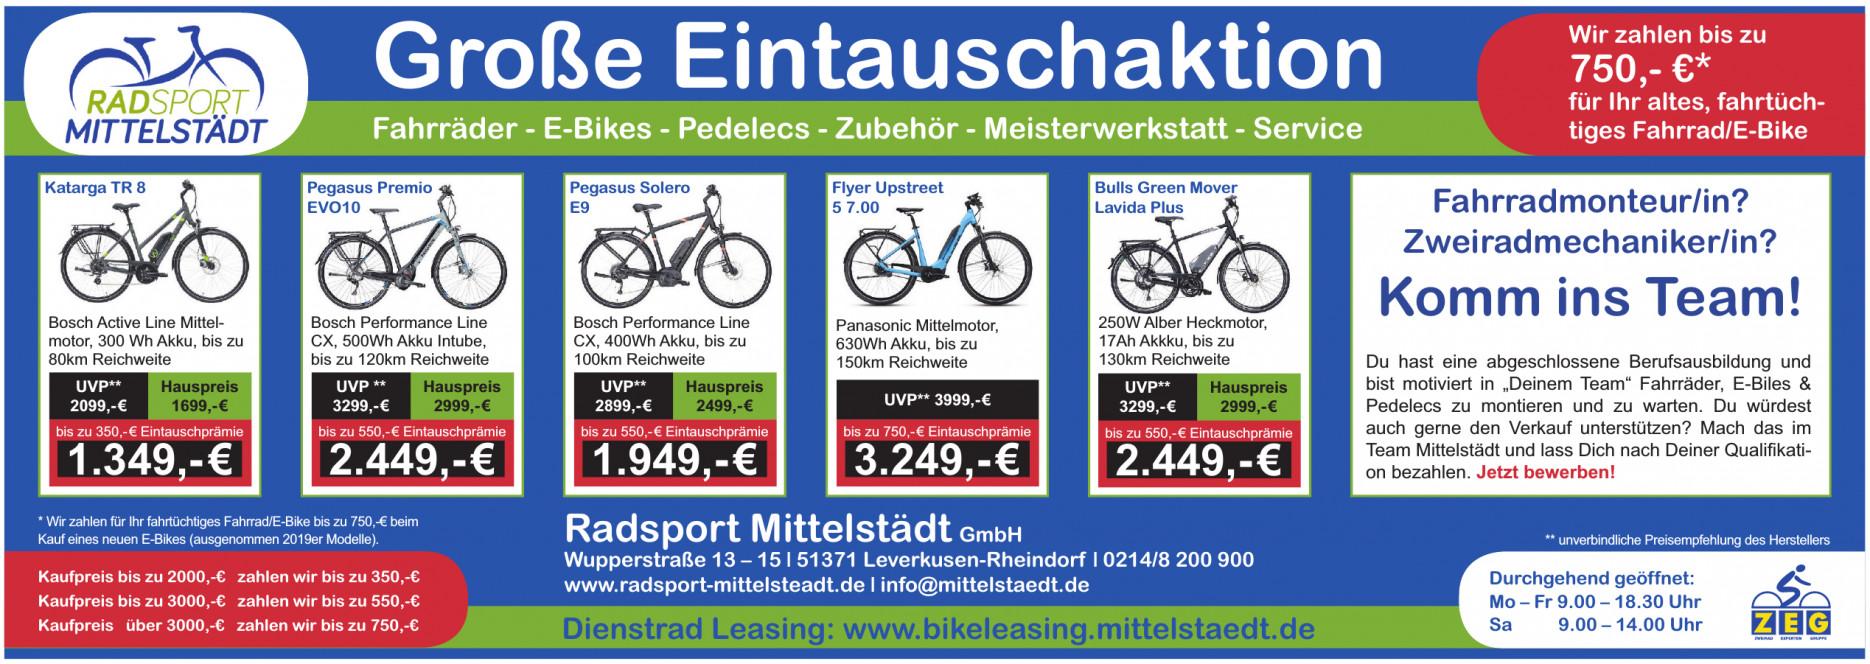 Radsport Mittelstädt GmbH